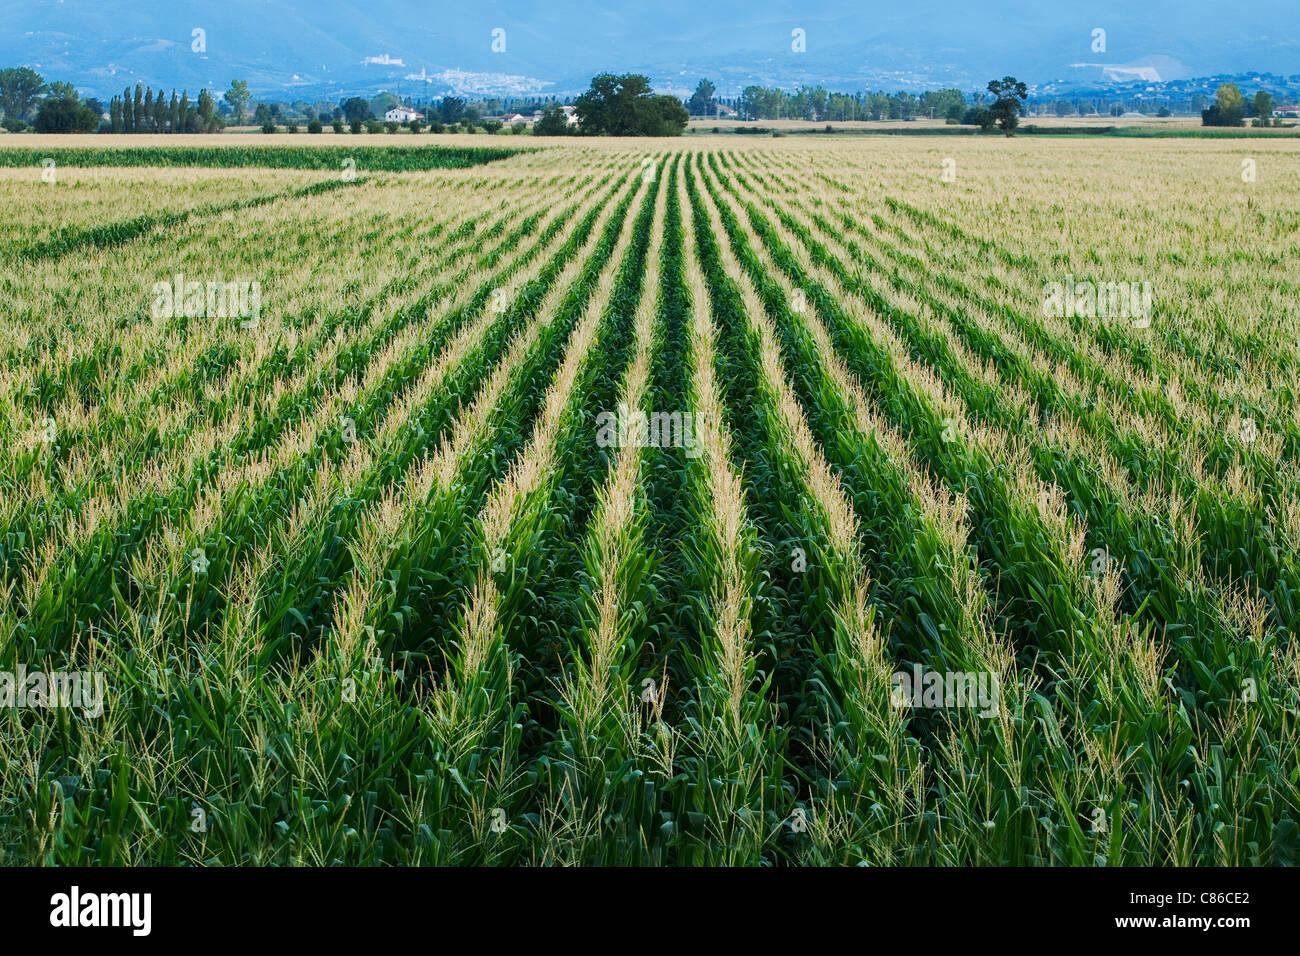 Maíz / campo de maíz - Toscana - Italia Imagen De Stock